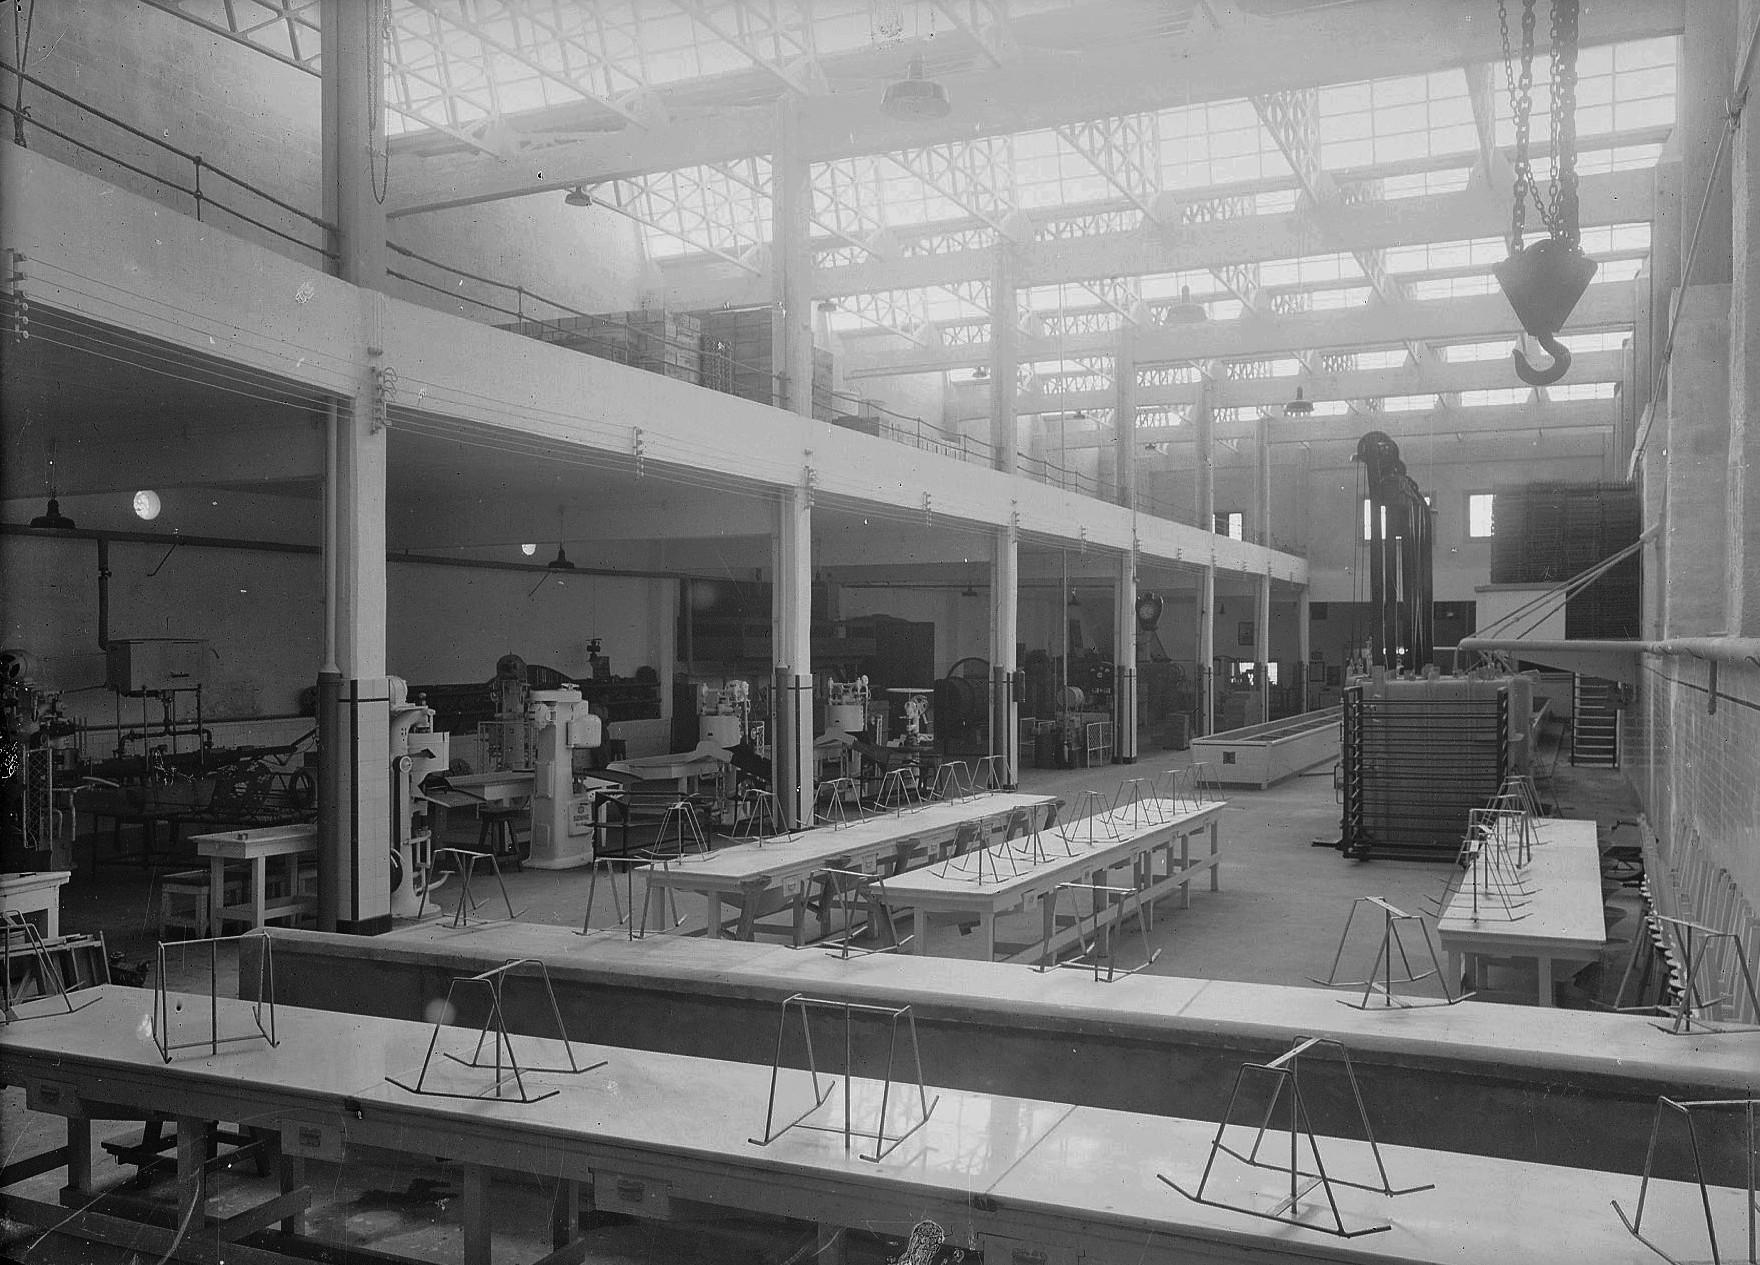 Panificadora.Interior de la fábrica de pan